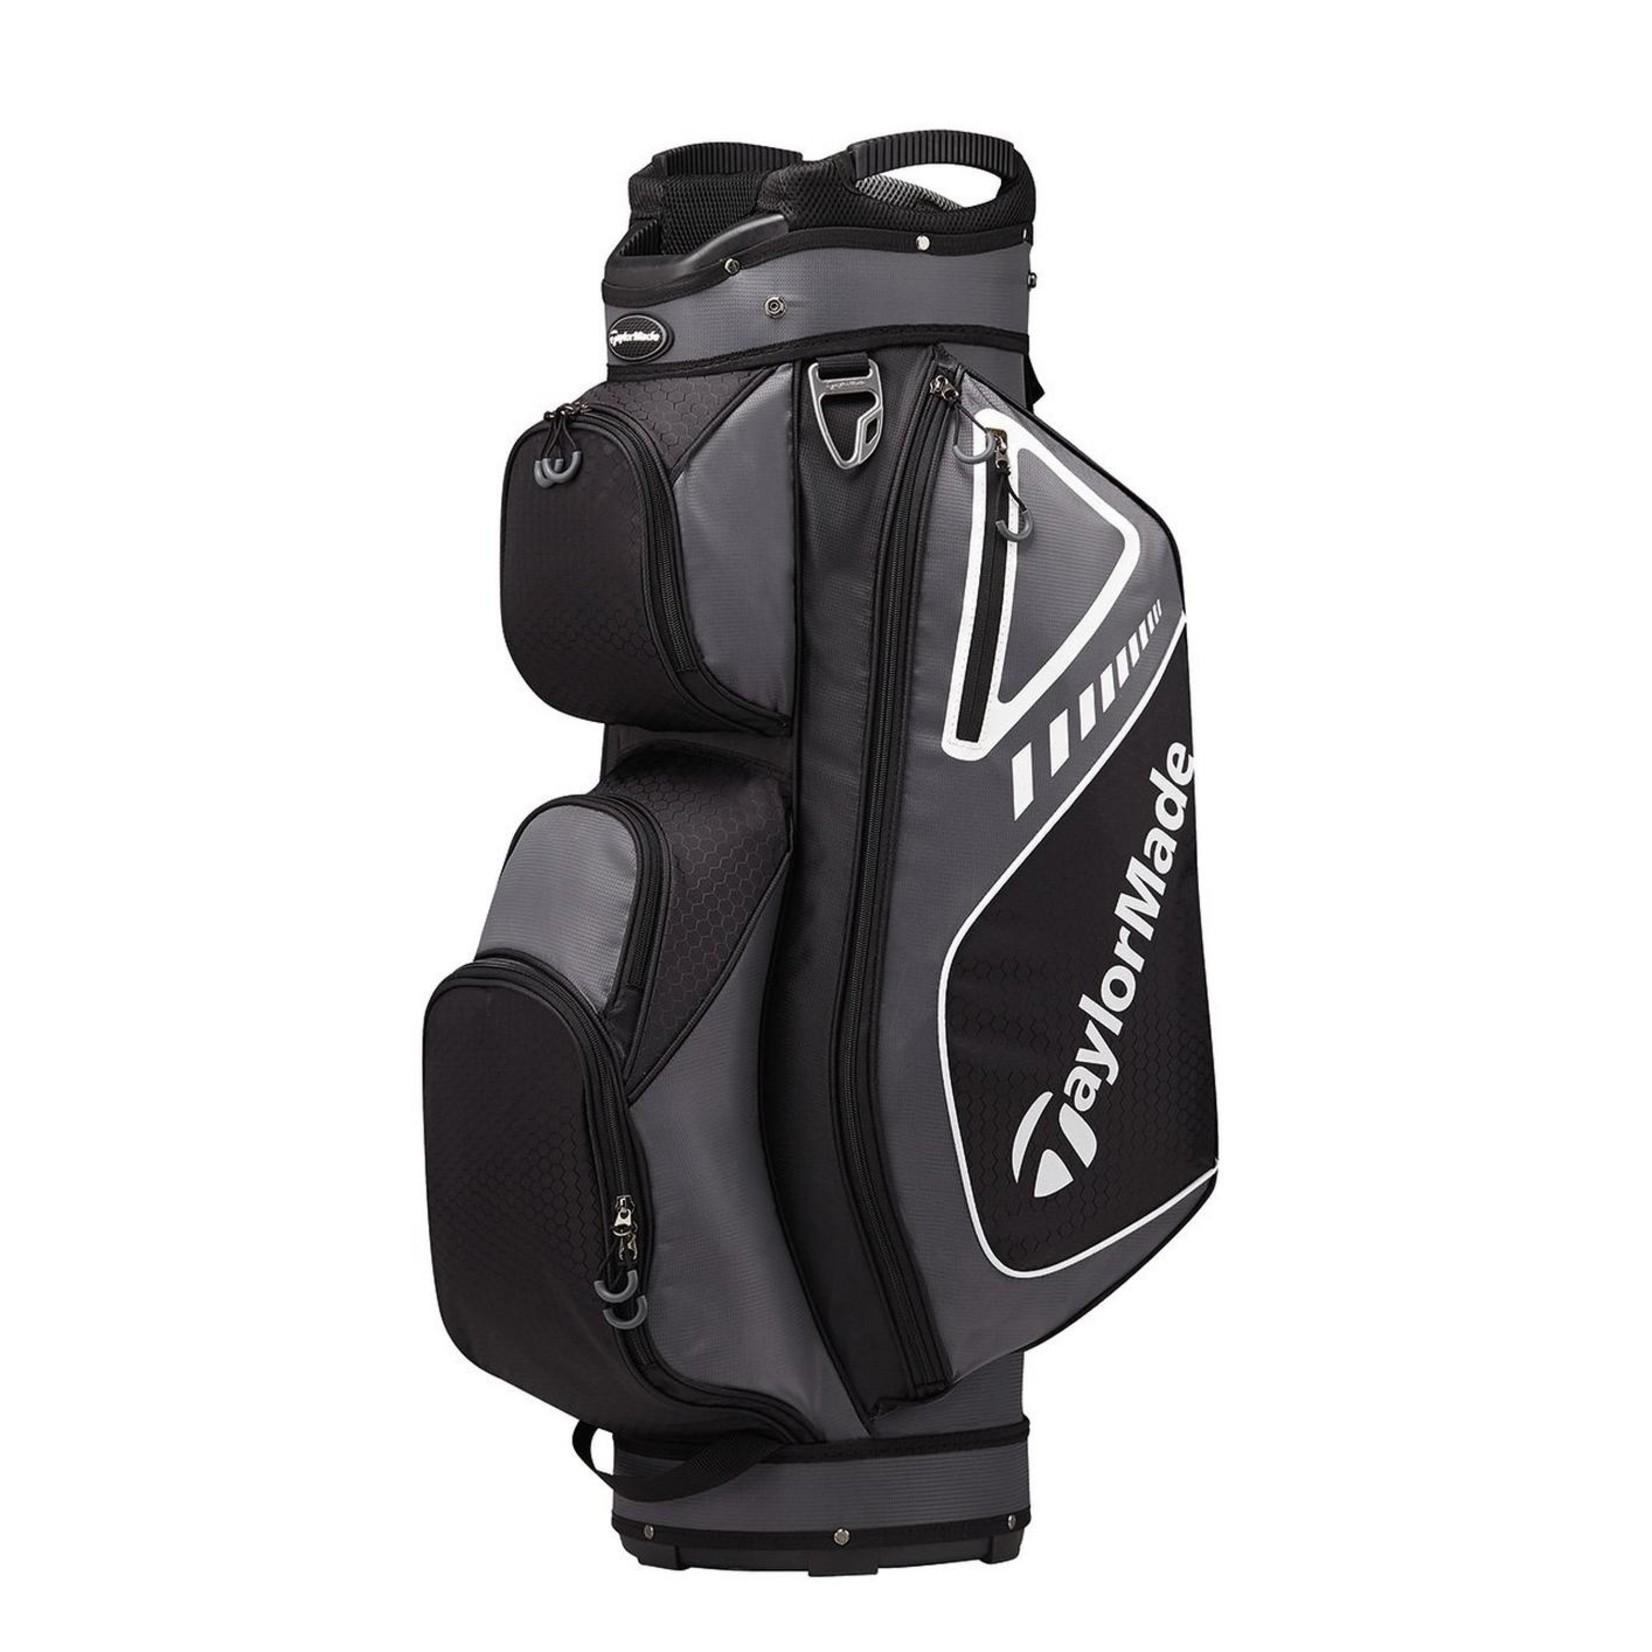 Taylormade Select Plus Cart Bag